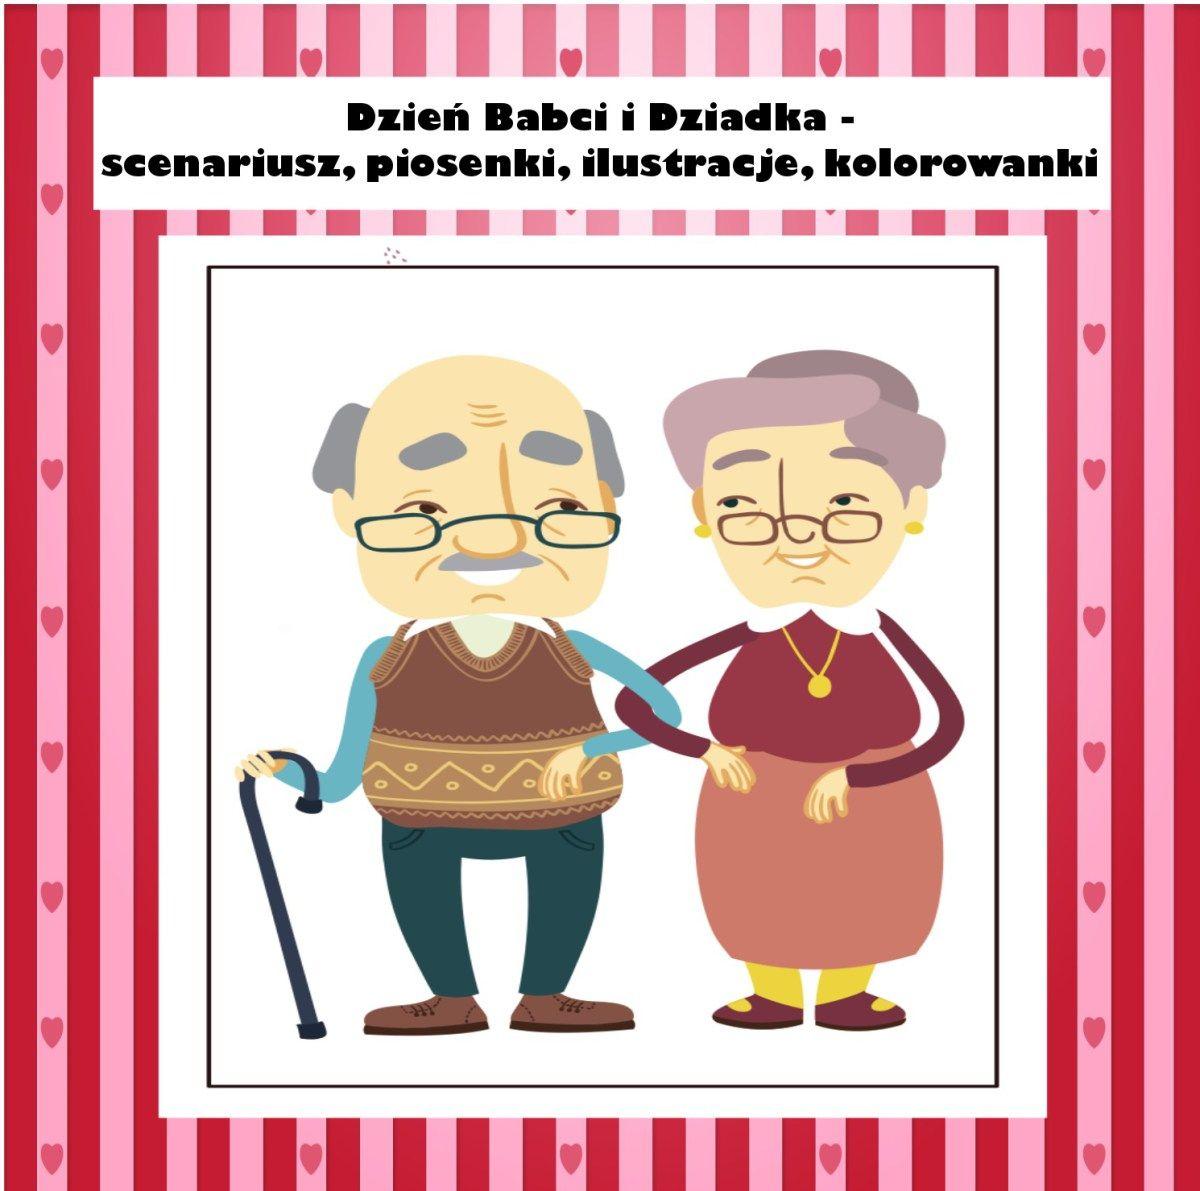 Scenariusz Na Dzien Babci I Dziadka Oraz Wiele Innych Grandparents Day Family Guy Family